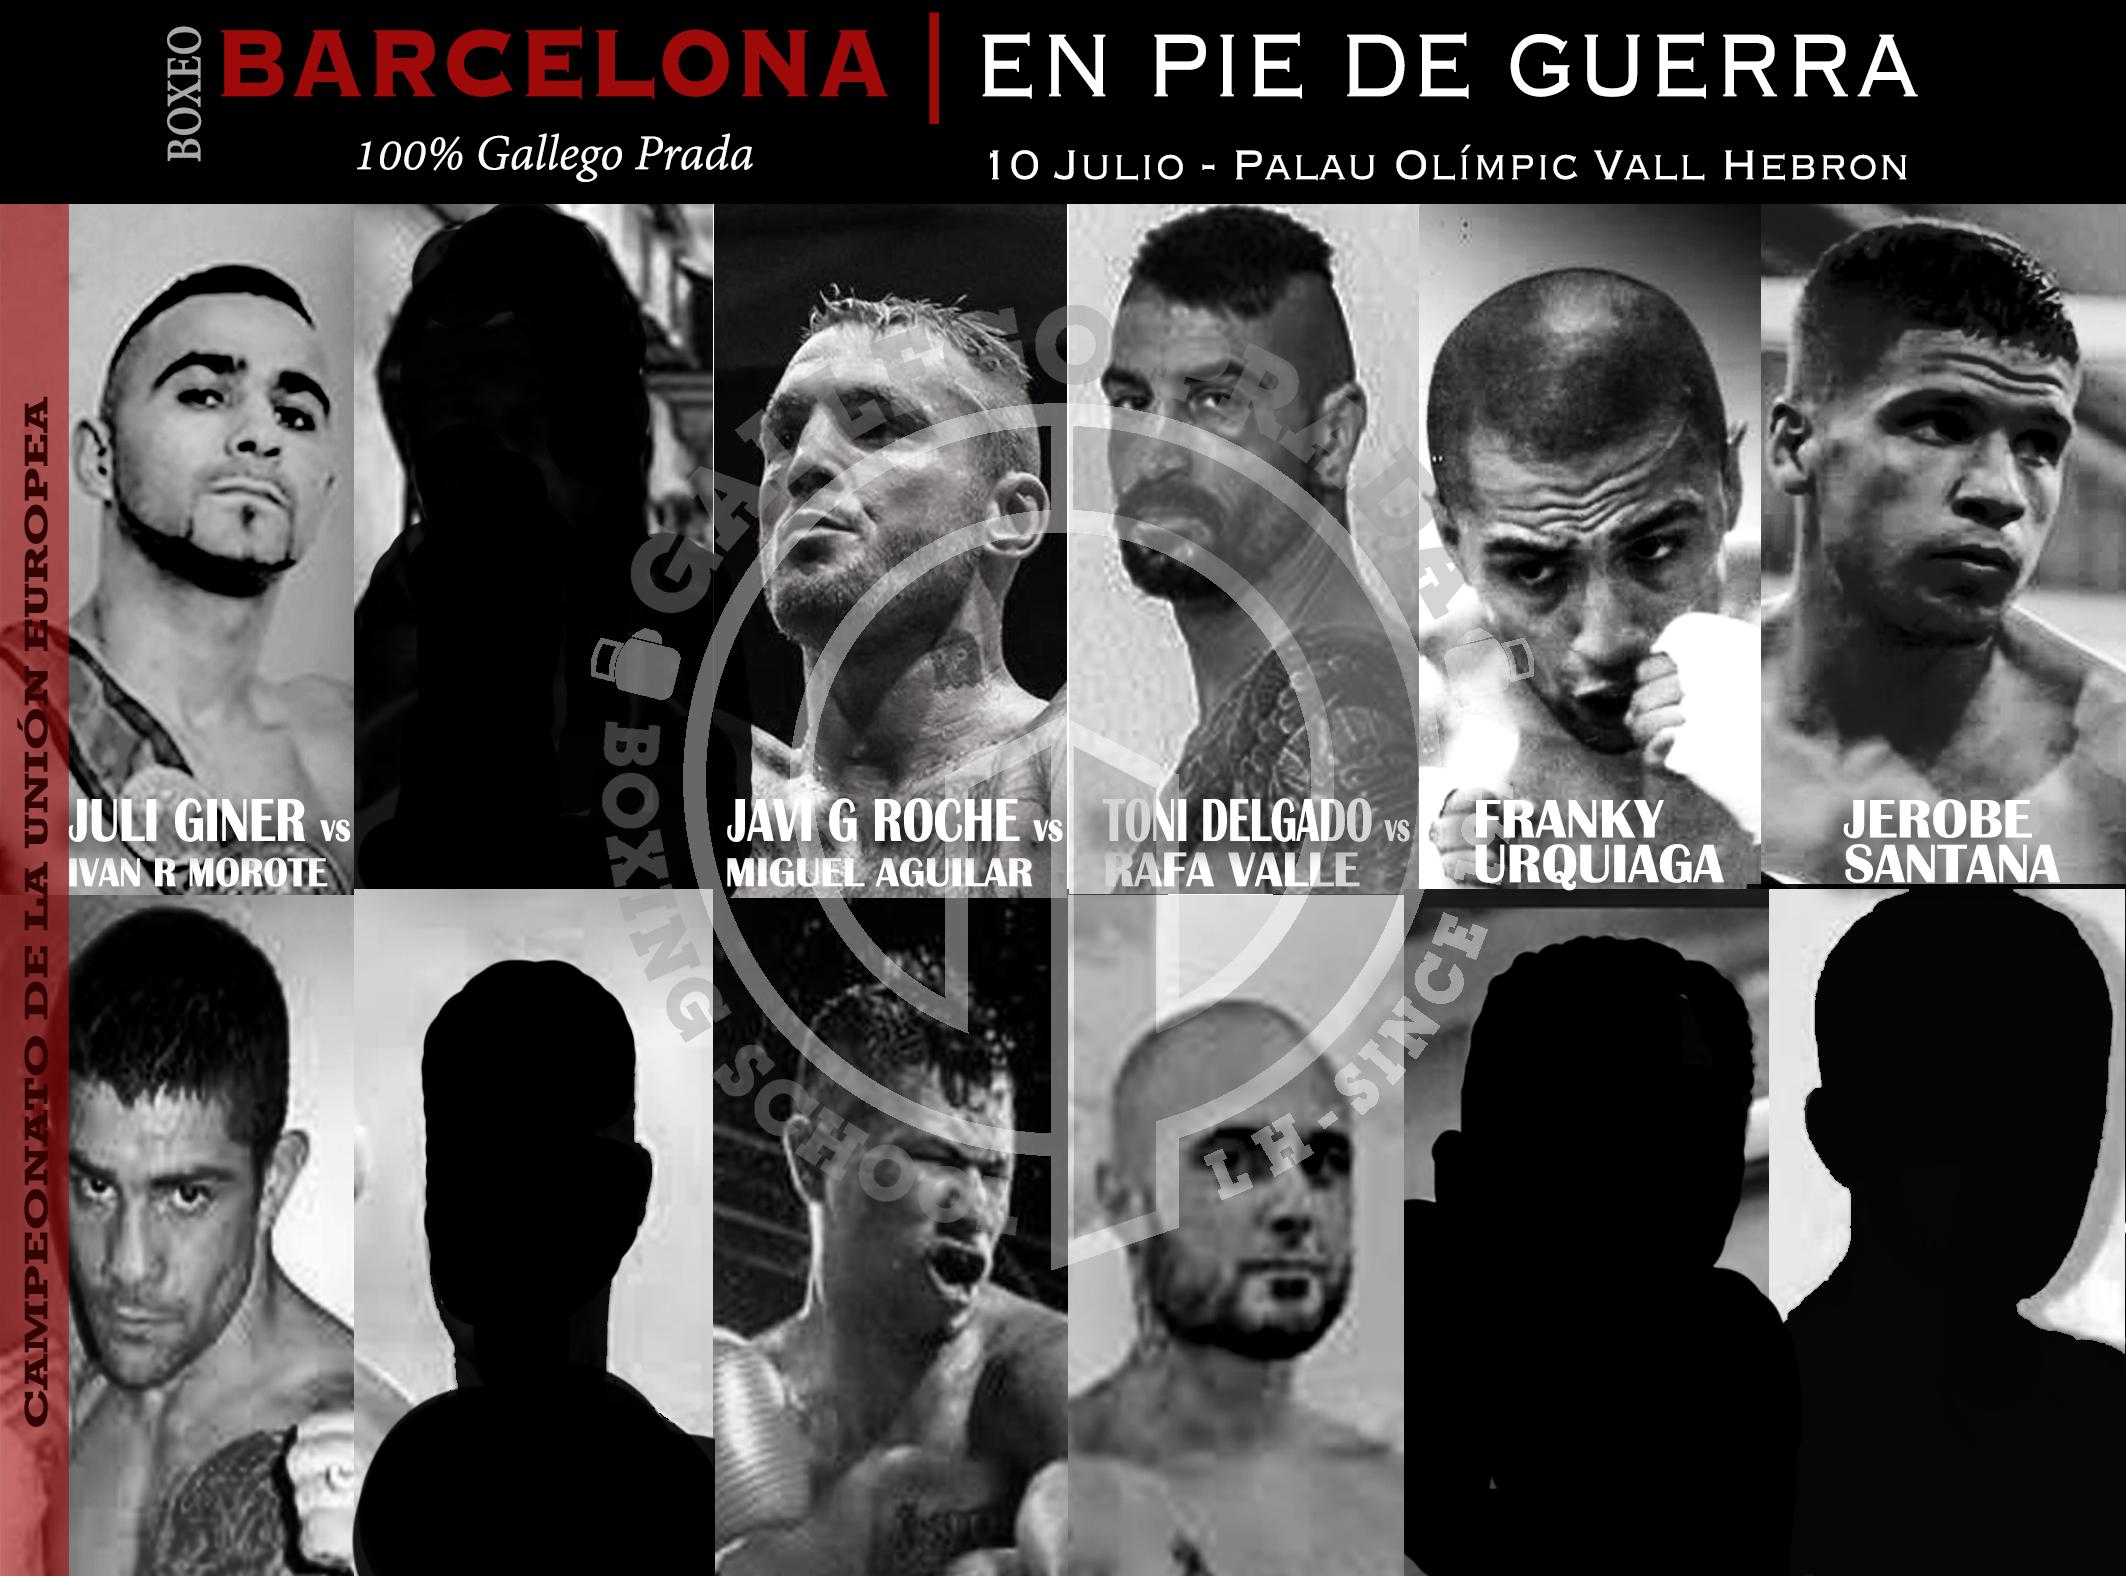 Barcelona en pie de guerra - f5